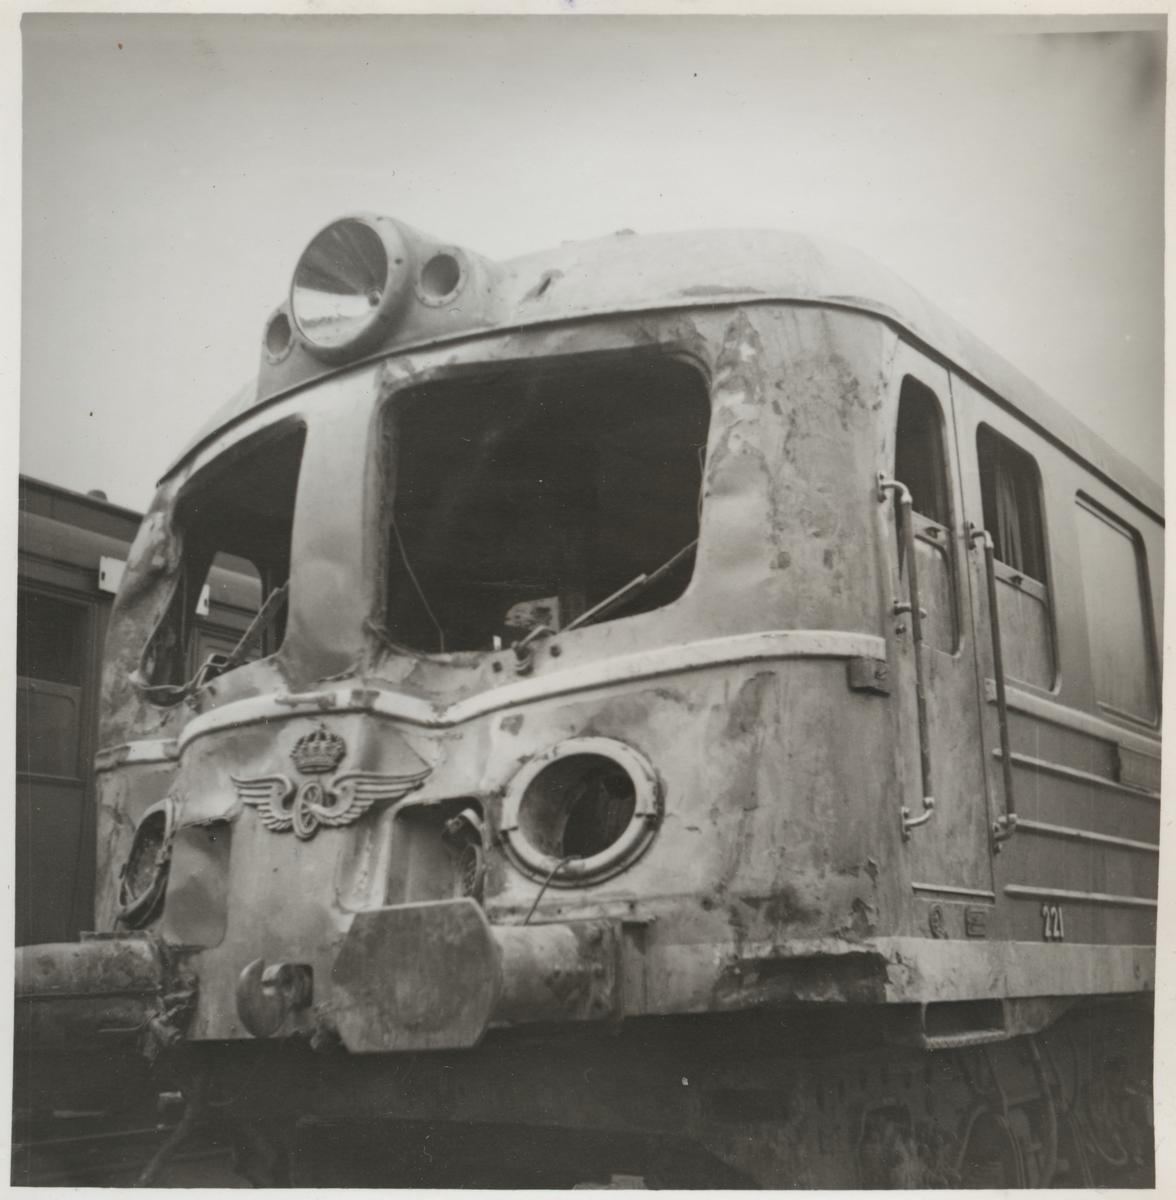 Statens Järnvägar, SJ Xoa5 221 skador efter olycka vid hållplats Arket 1951.